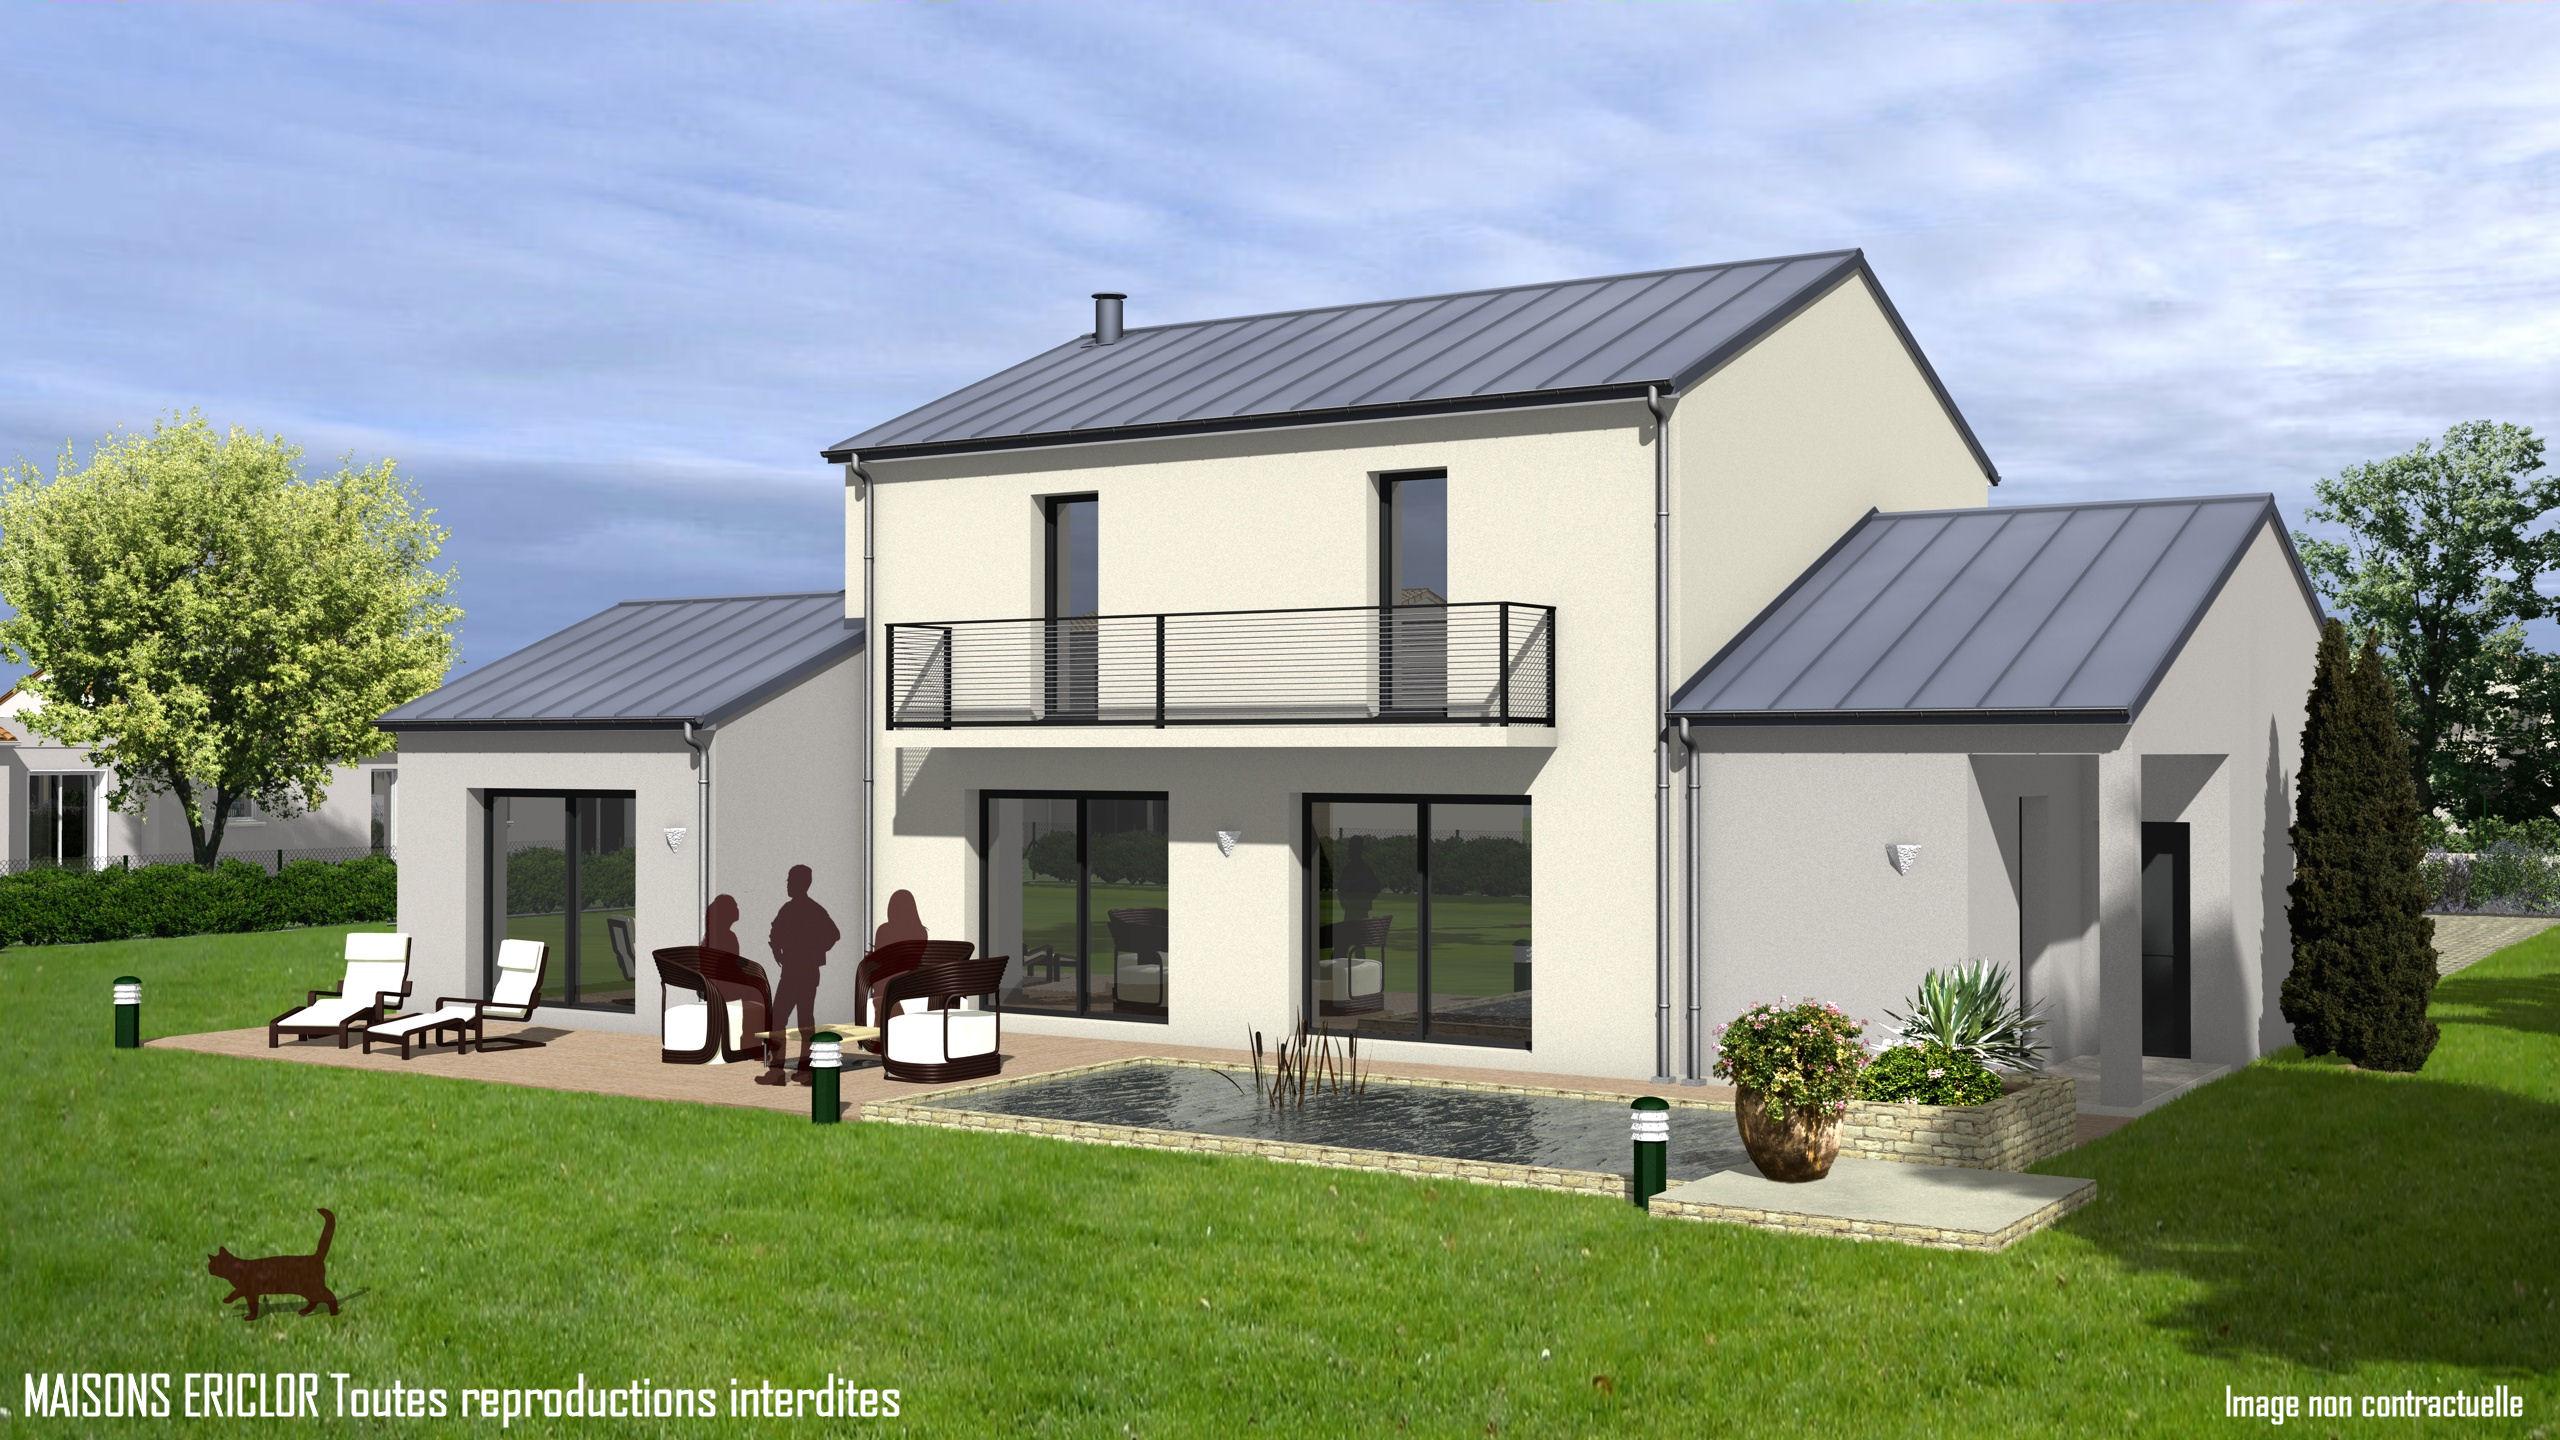 Prime constructeur maisons individuelles poitiers for Constructeur maison contemporaine poitiers